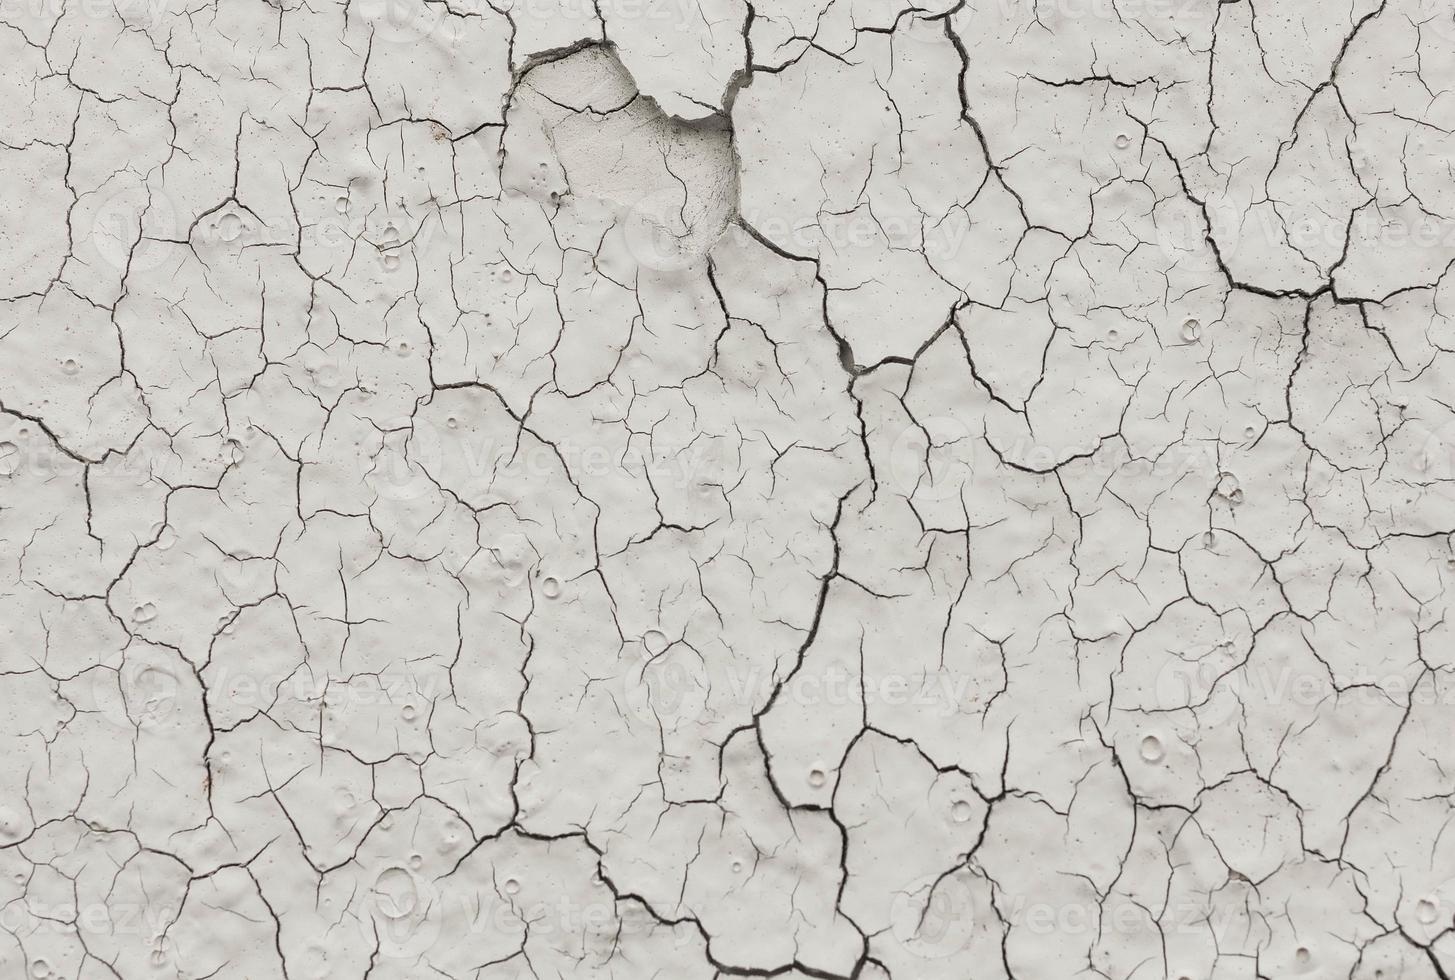 textura de pared agrietada pintada foto